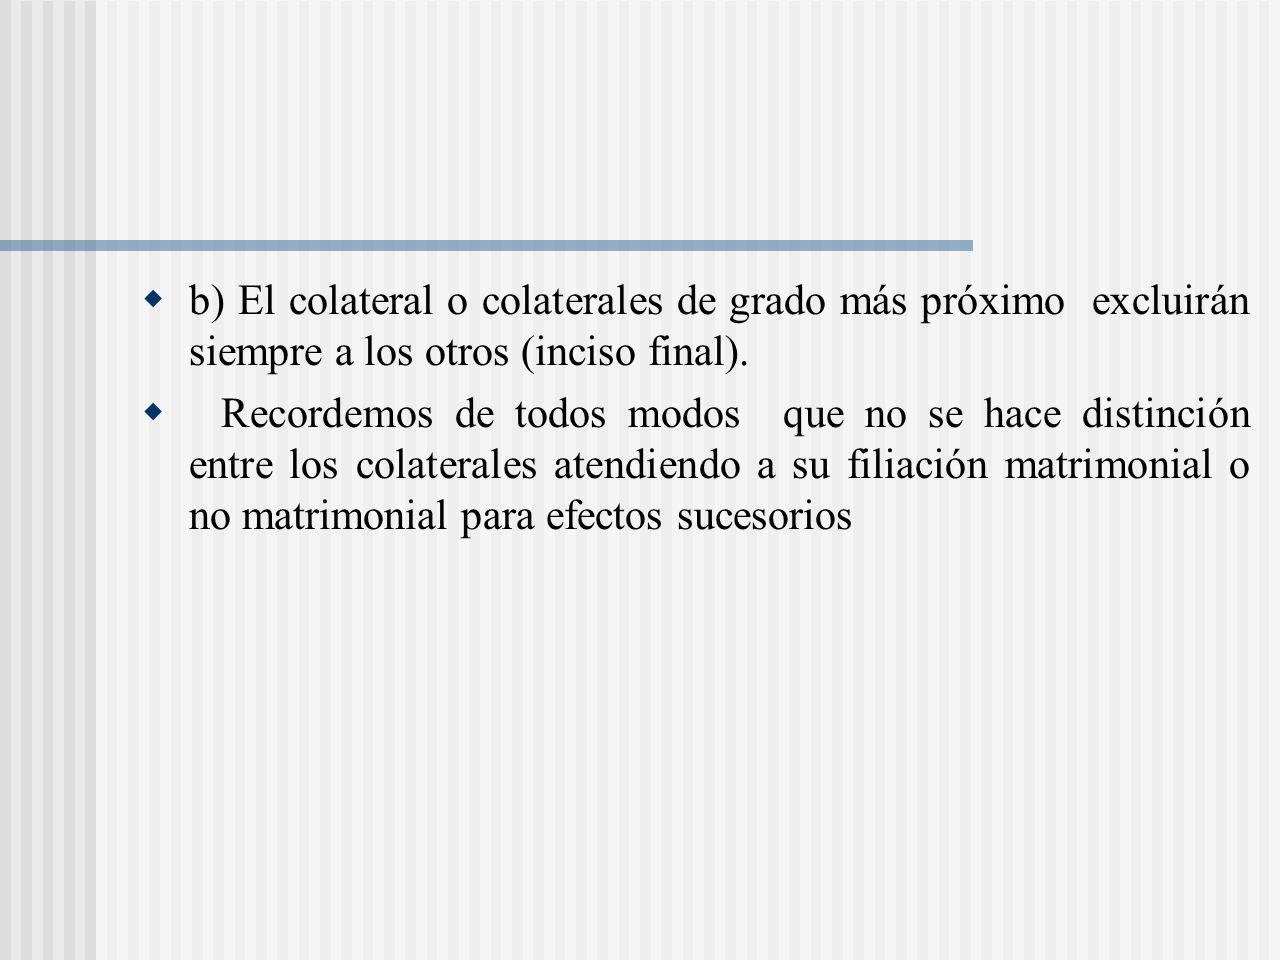 b) El colateral o colaterales de grado más próximo excluirán siempre a los otros (inciso final).